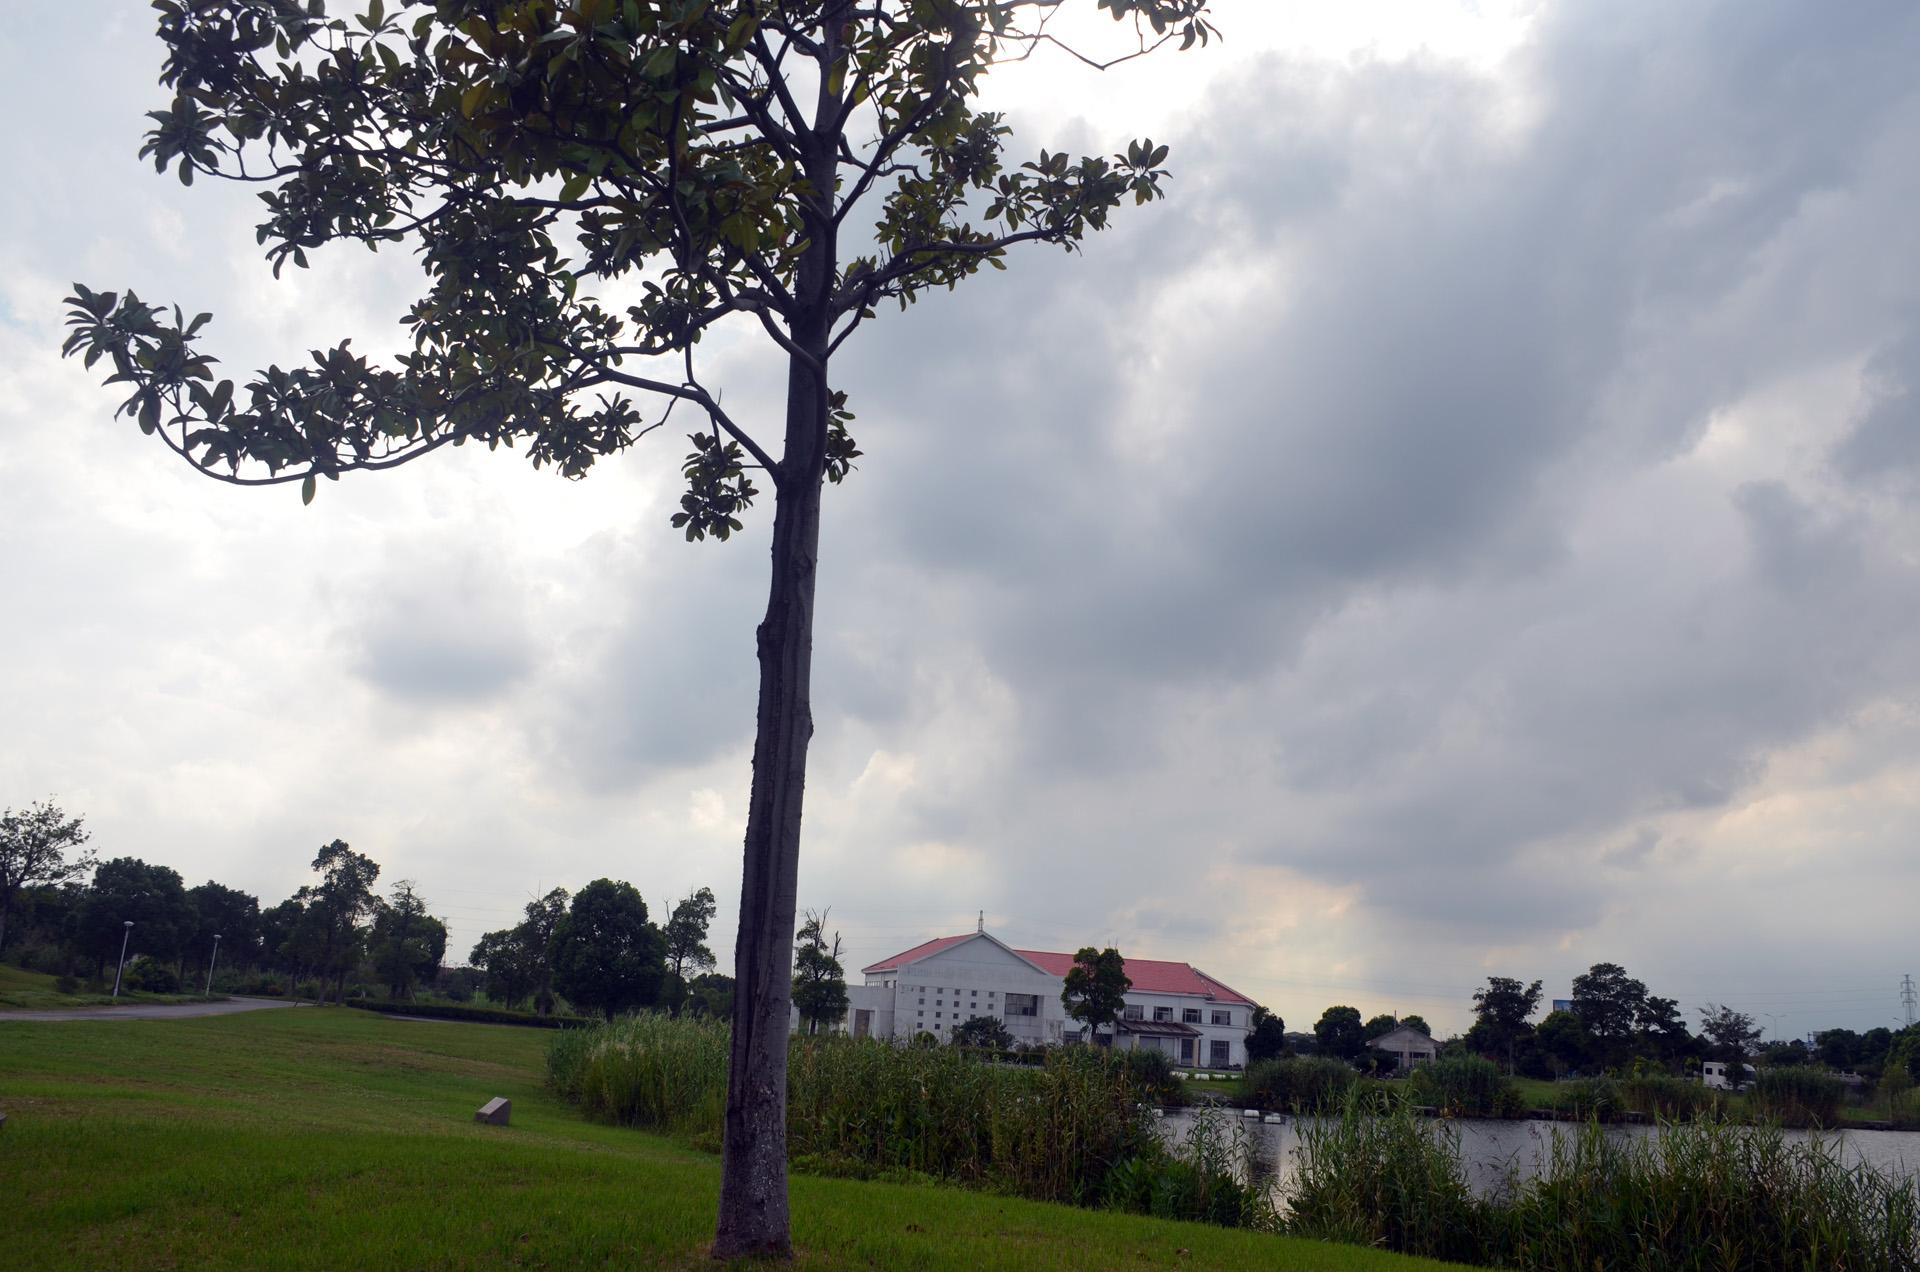 娄东生态园太仓娄东商务休闲垂钓中心风景秀丽 这里是太仓 摄影 第19张